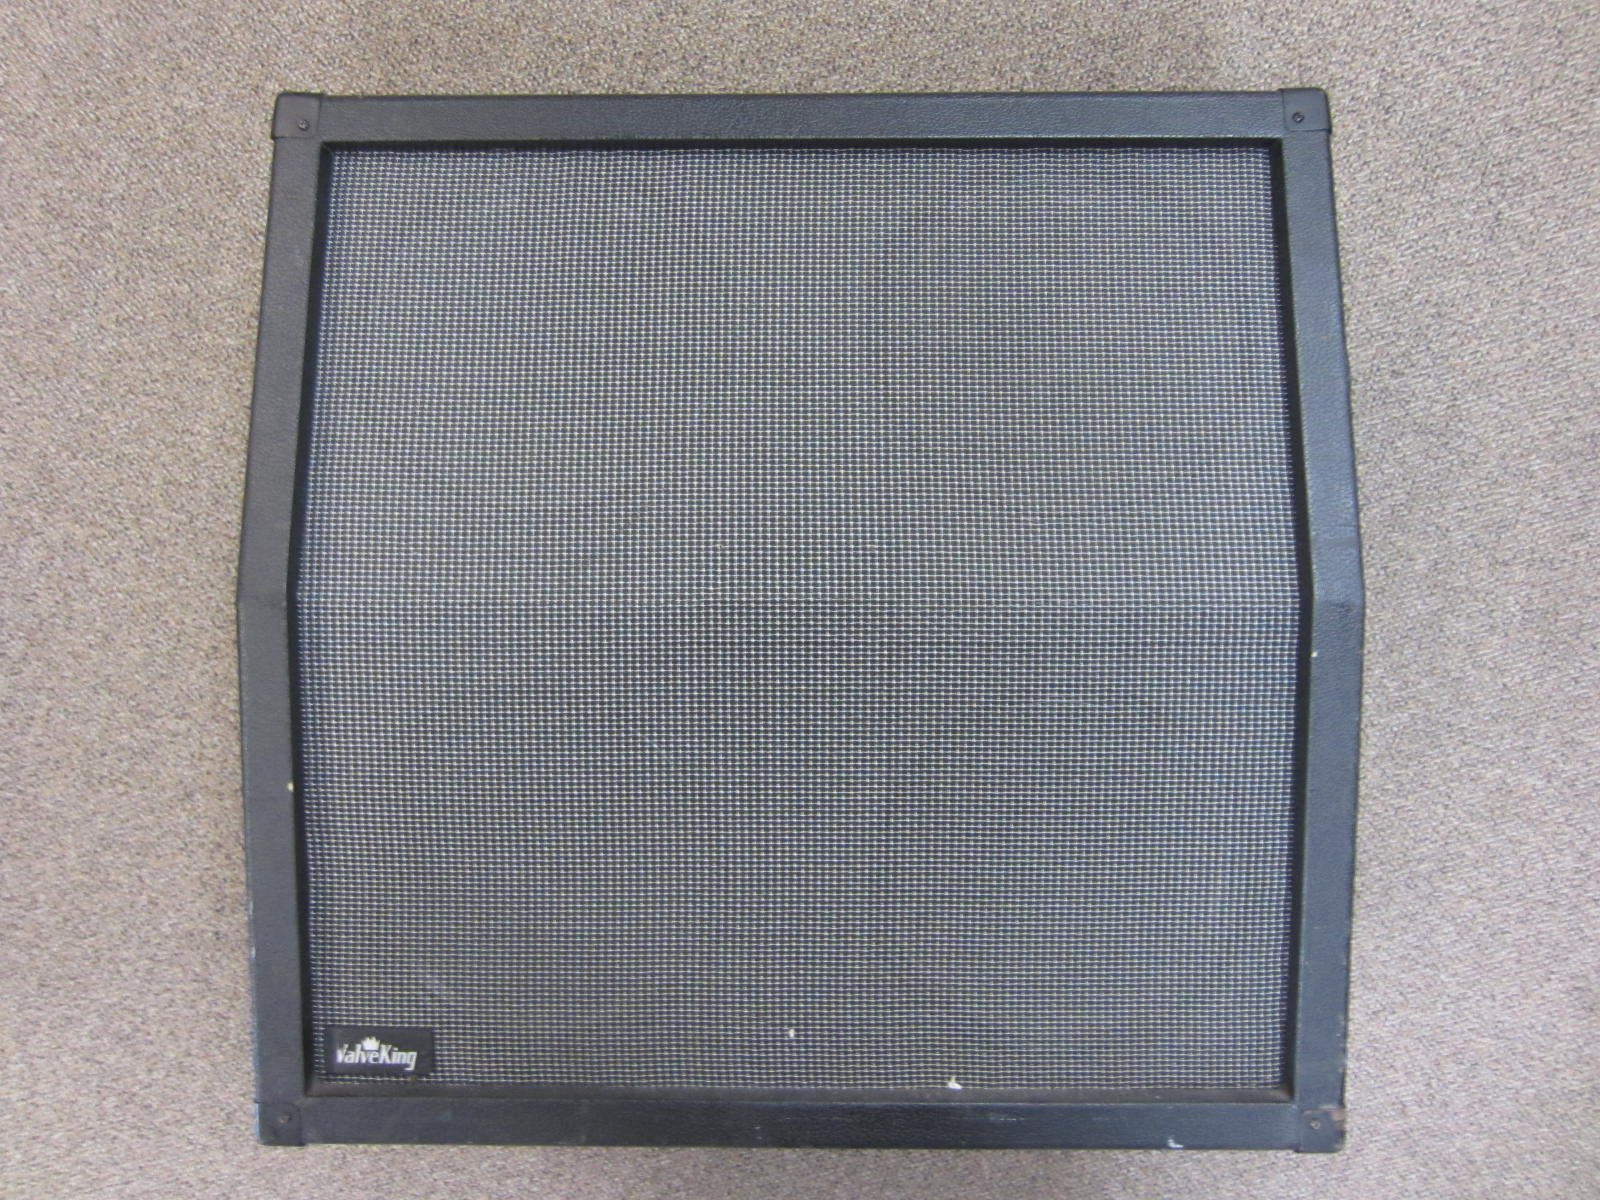 Peavey ValveKing 4x12 Slant Speaker Cabinet